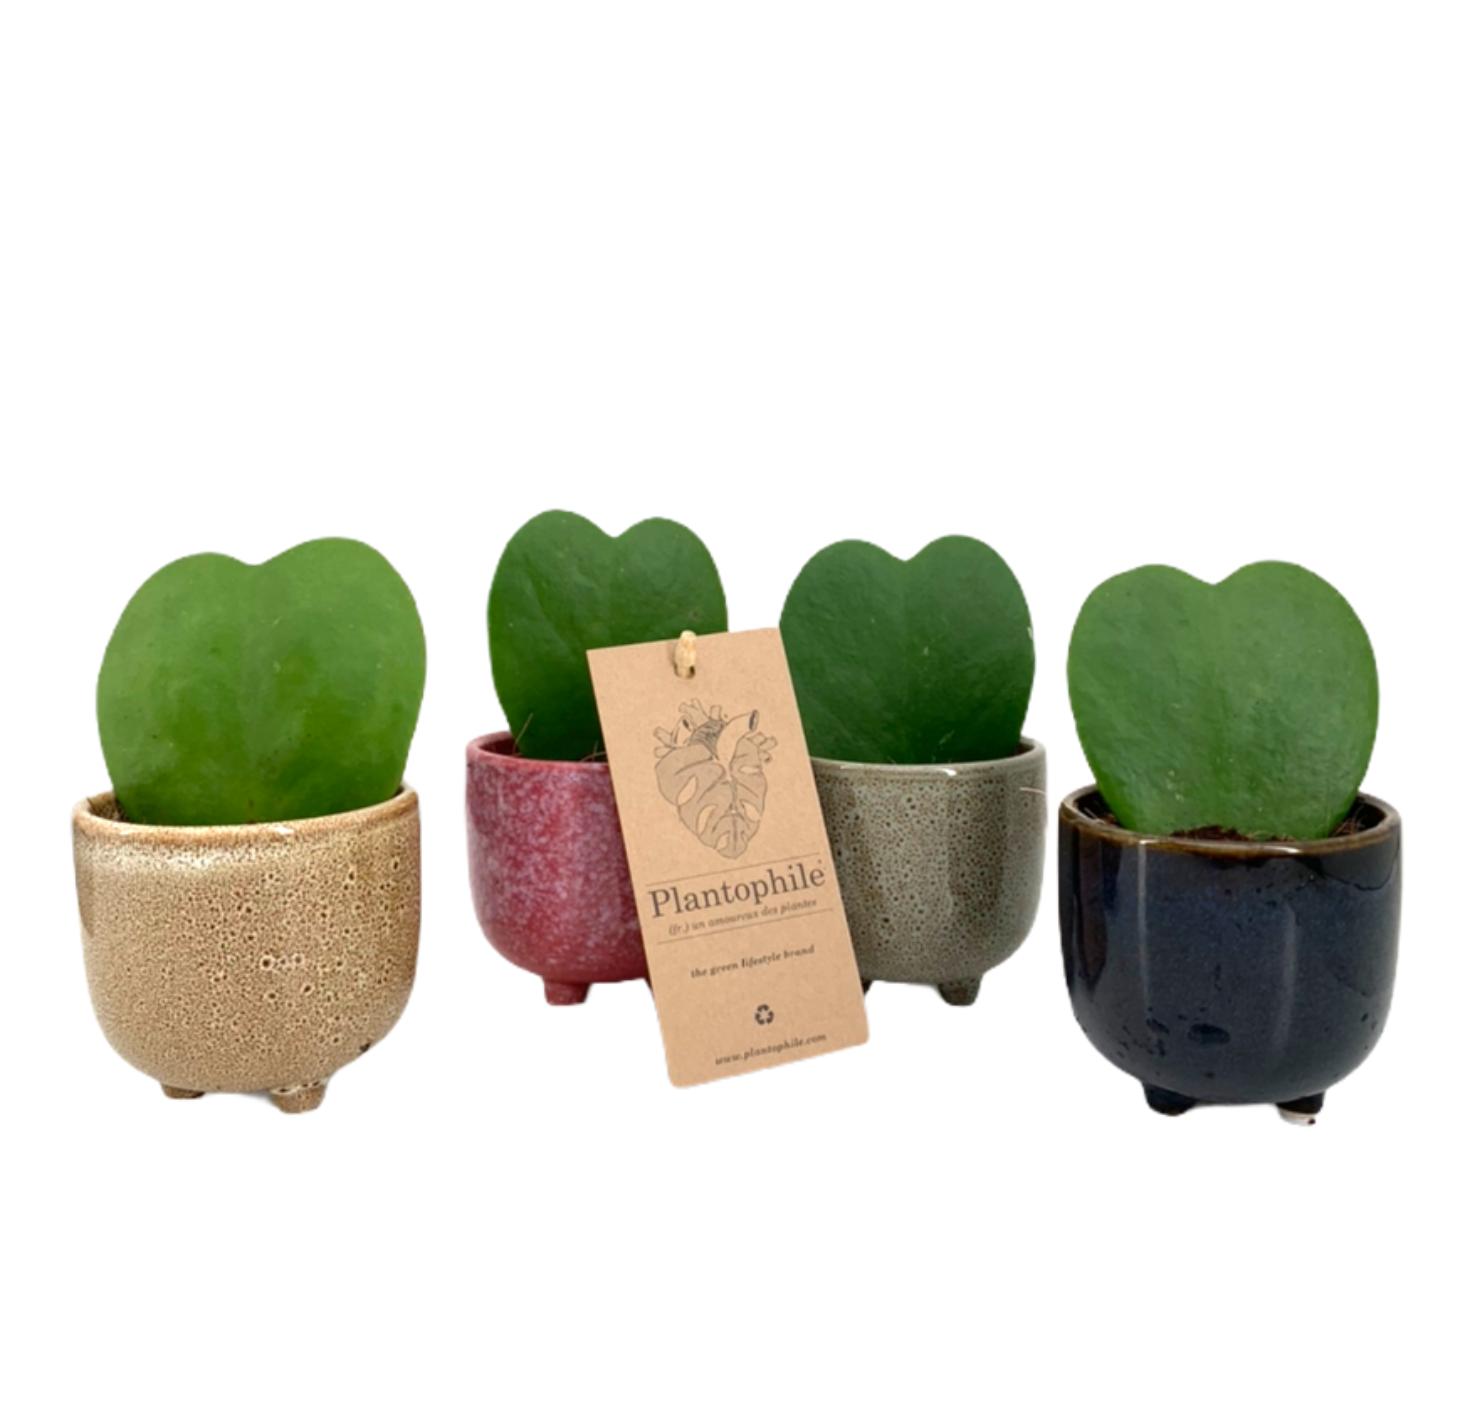 Hoya Heart Plants